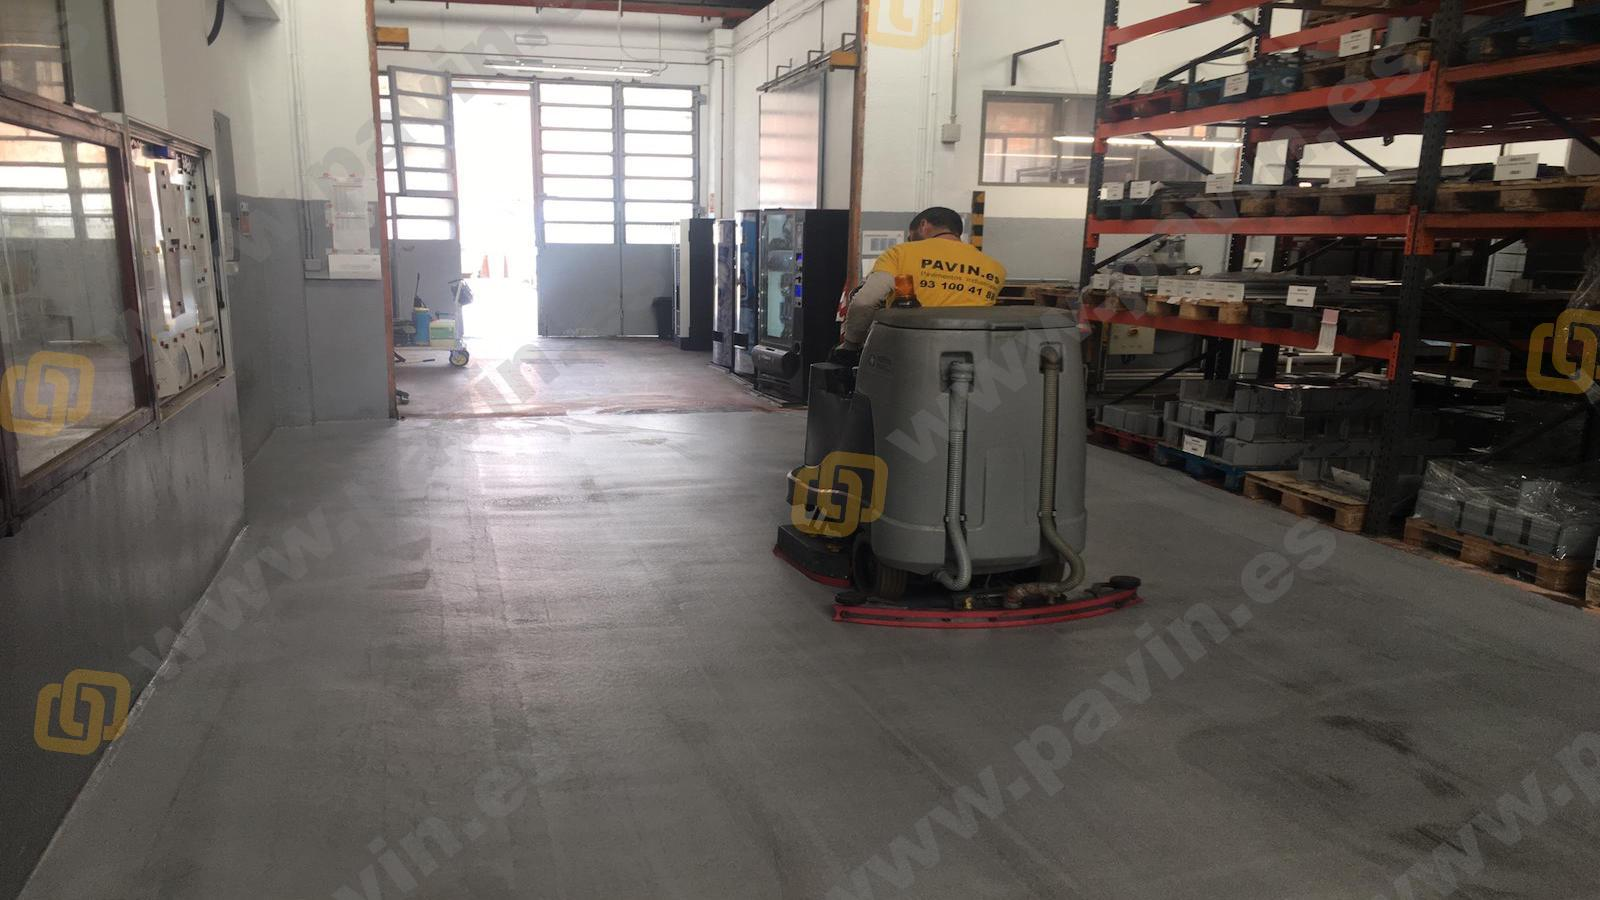 Limpiar suelos de resina en pavimentos industriales